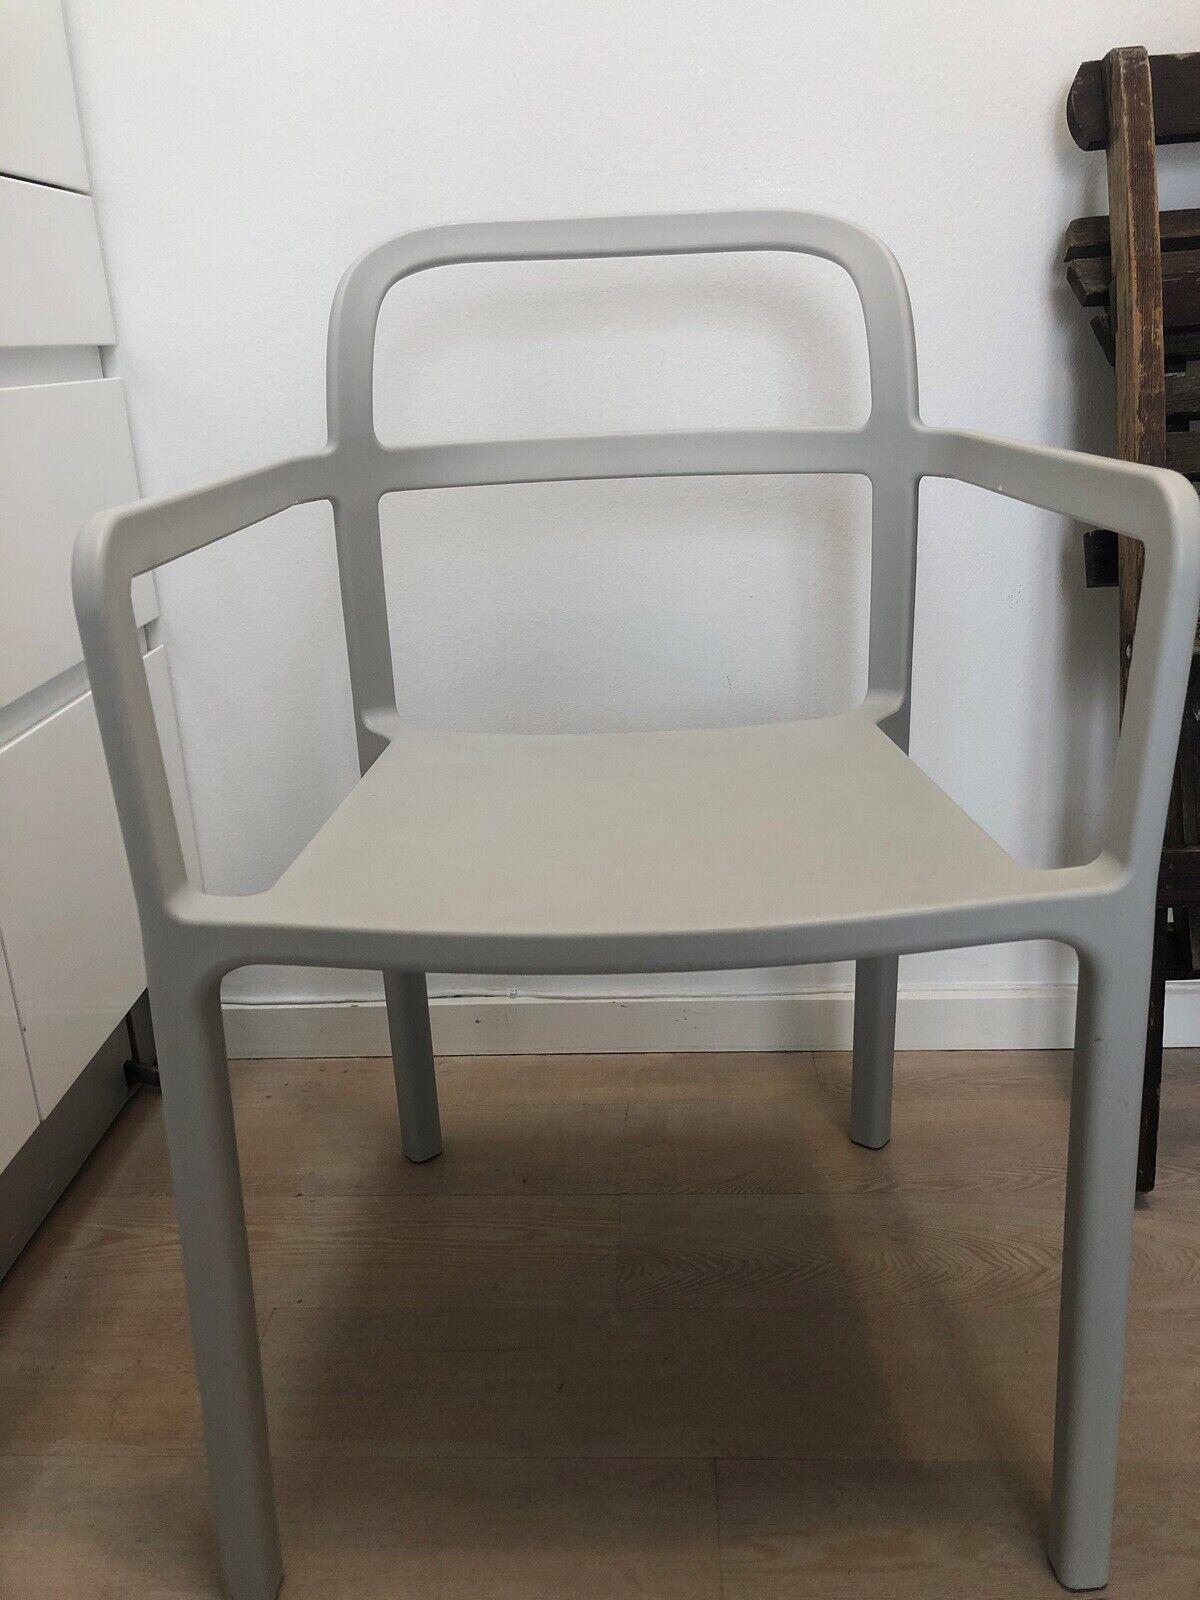 YPPERLIG stol, Ikea – dba.dk – Køb og Salg af Nyt og Brugt